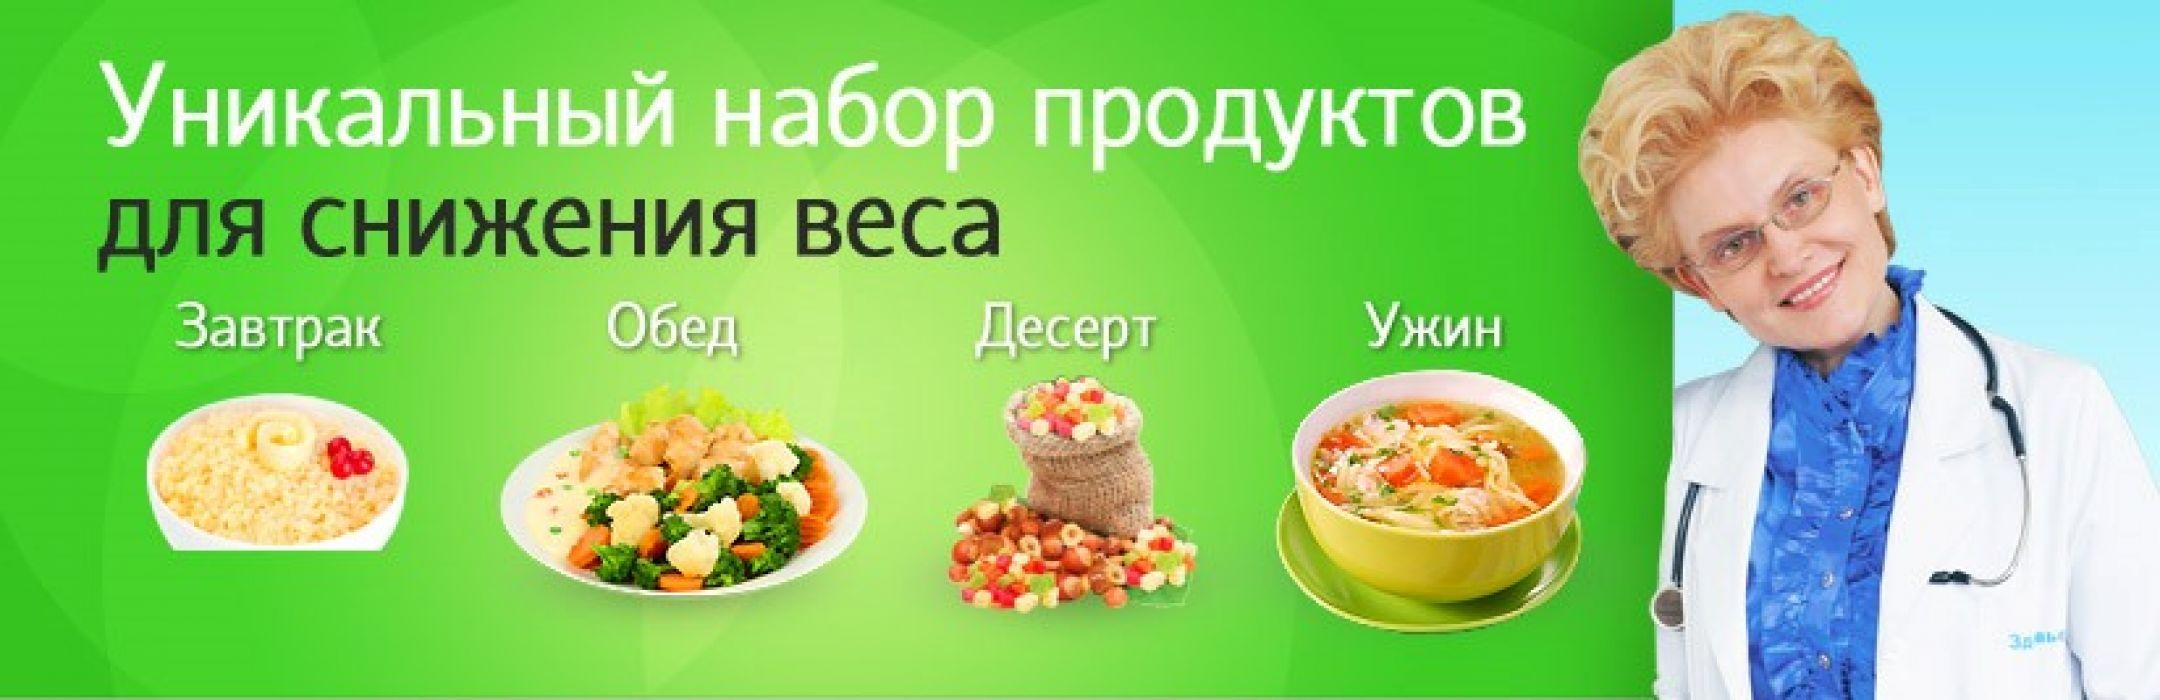 какие блюда предлагает для похудения елена малышева